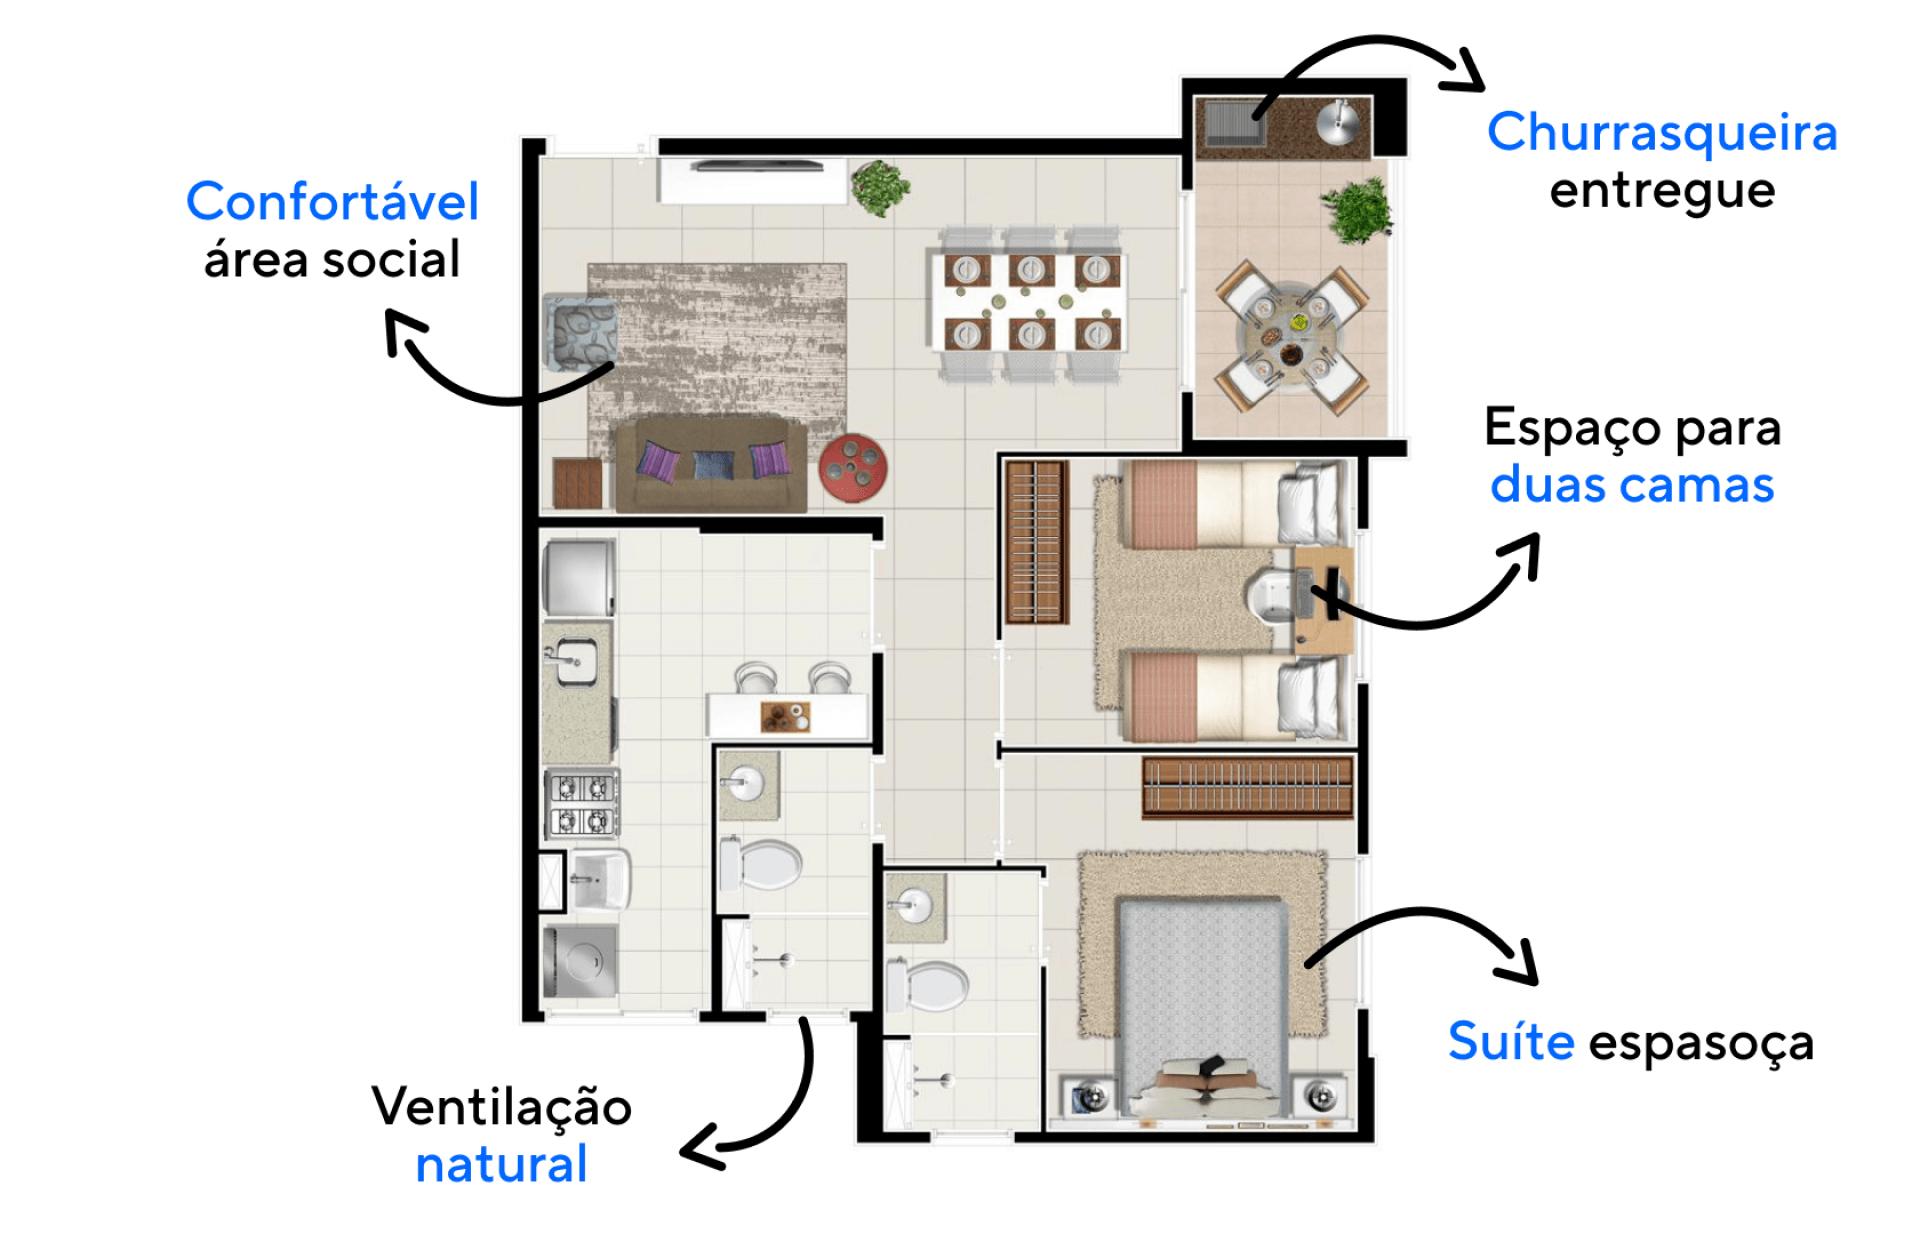 58 M² - 2 DORMITÓRIOS, SENDO 1 SUÍTE. Apartamentos com confortável área social que se conecta ao terraço gourmet, um ambiente entregue com churrasqueira e bancada, que funciona como uma extensão do seu espaço para receber.